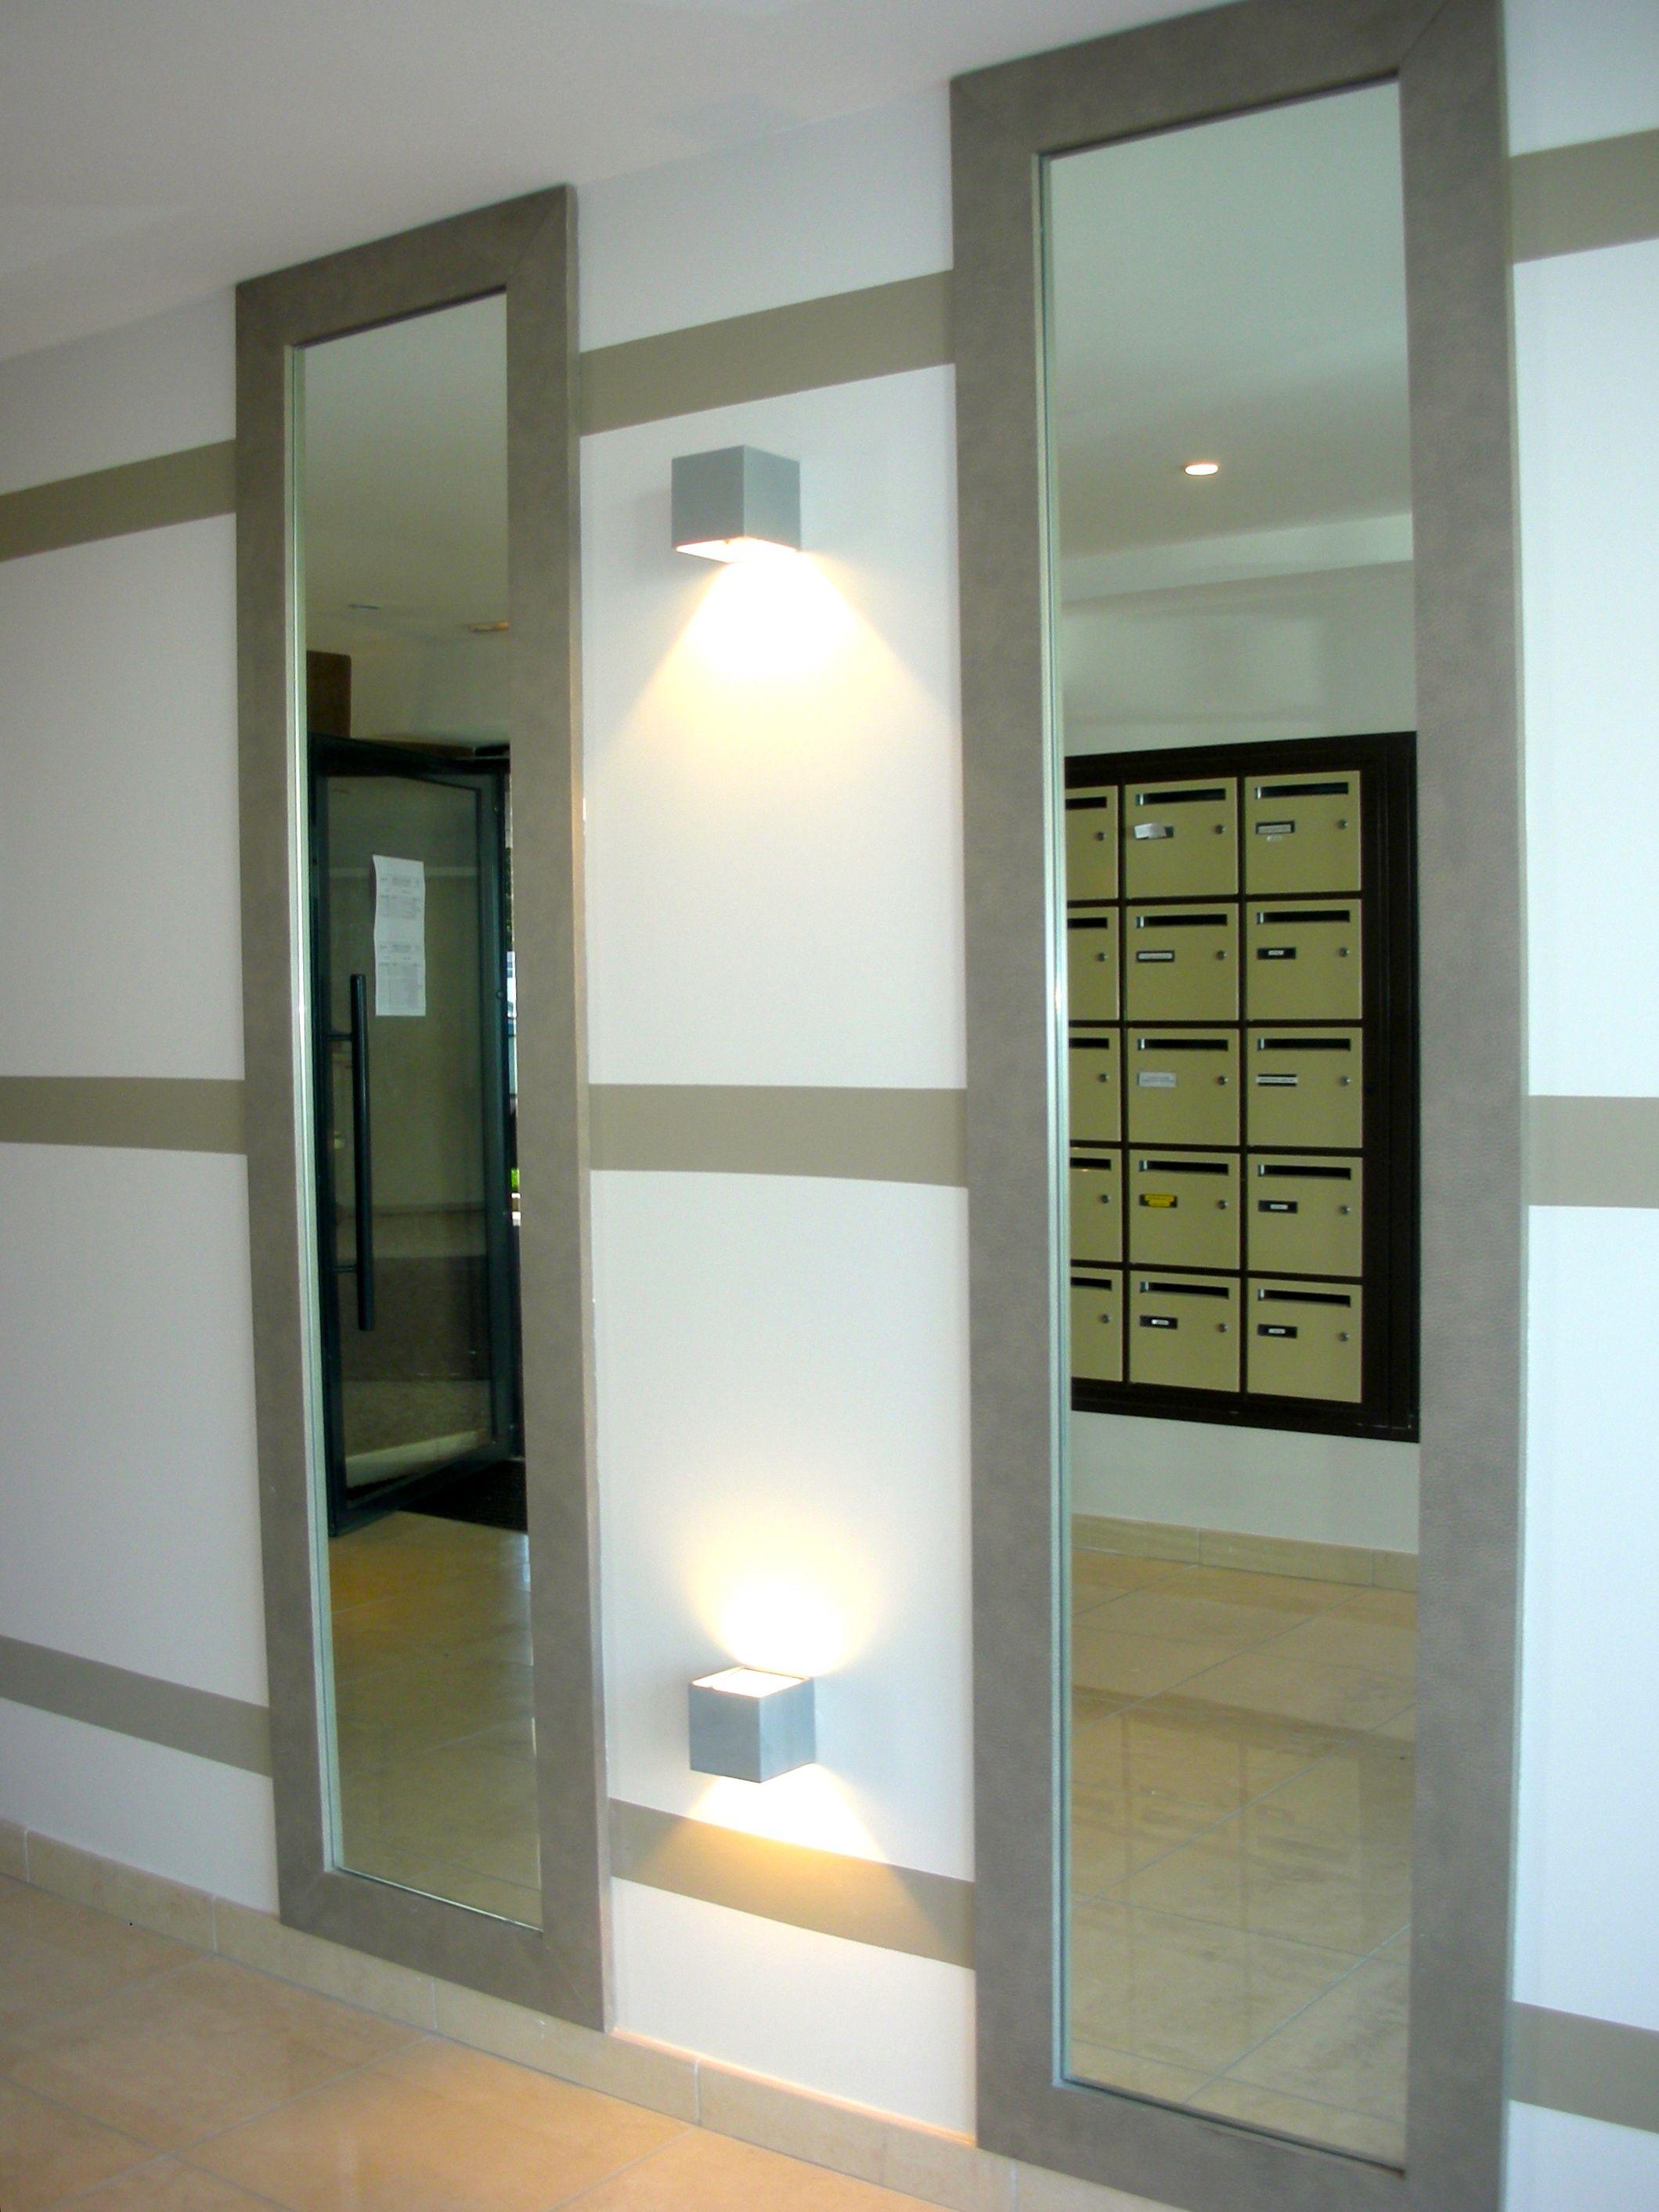 hall immeuble mantes c delecroix d coration immeuble pinterest immeuble entr e et romans. Black Bedroom Furniture Sets. Home Design Ideas